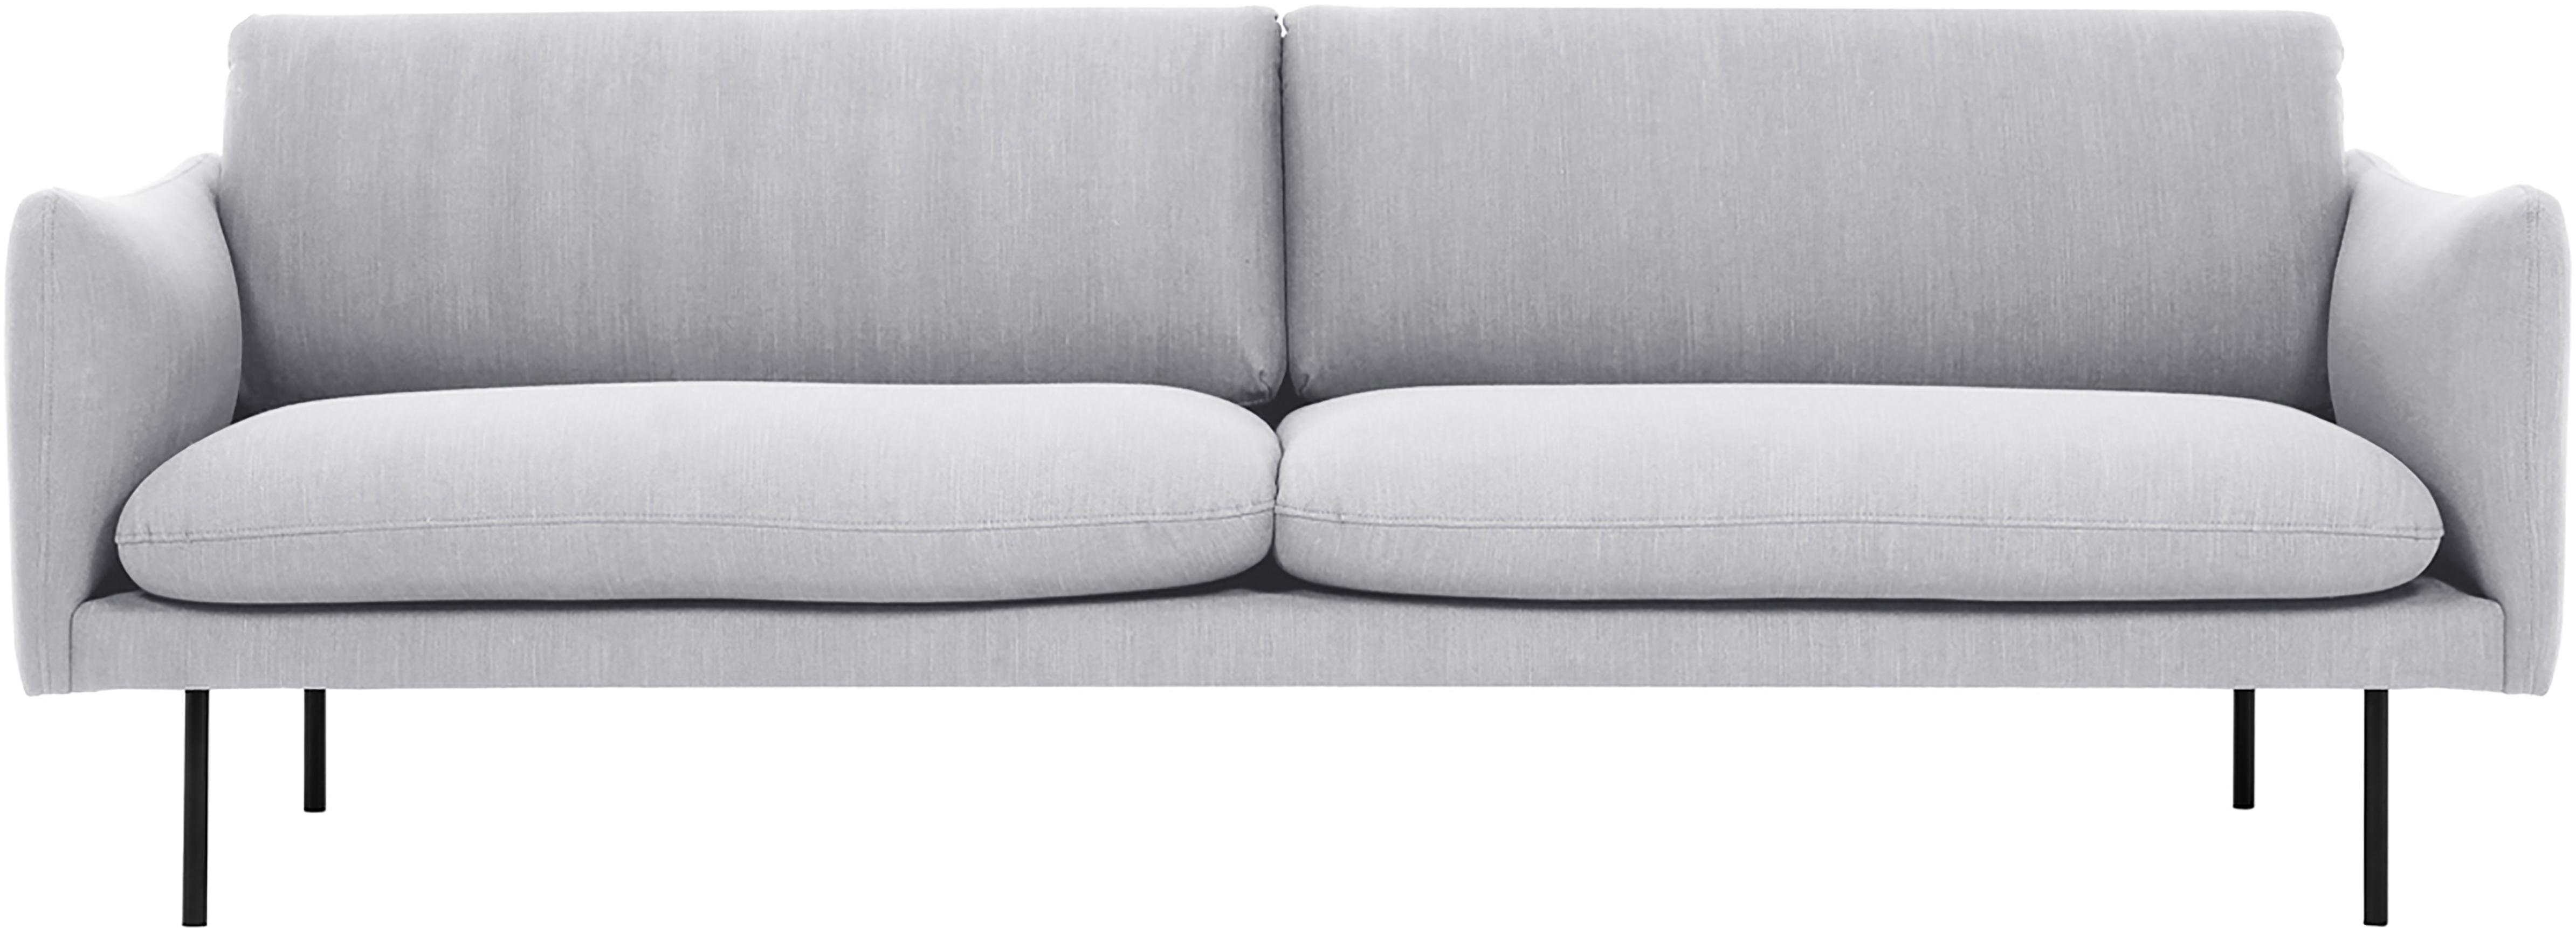 Sofa Moby (3-Sitzer), Bezug: Polyester 60.000 Scheuert, Gestell: Massives Kiefernholz, Füße: Metall, pulverbeschichtet, Webstoff Hellgrau, B 220 x T 95 cm